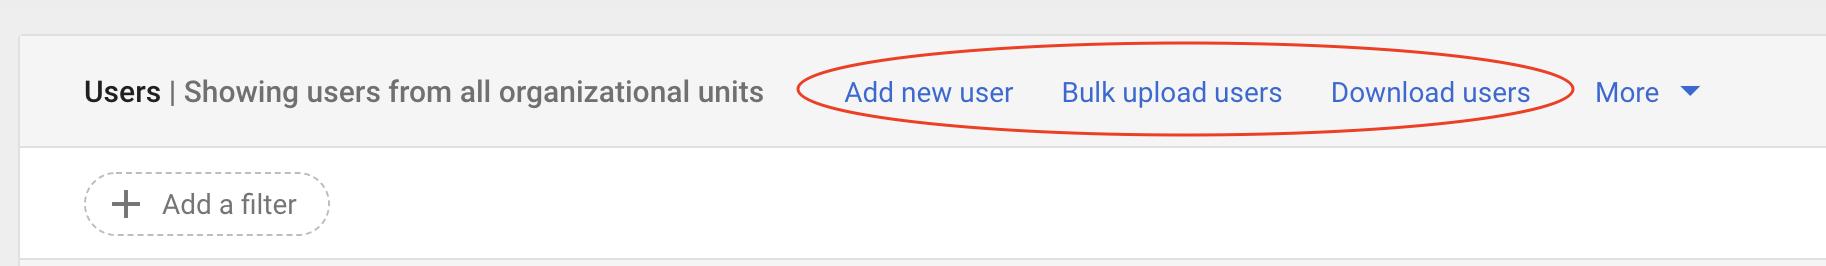 Admin console - add users